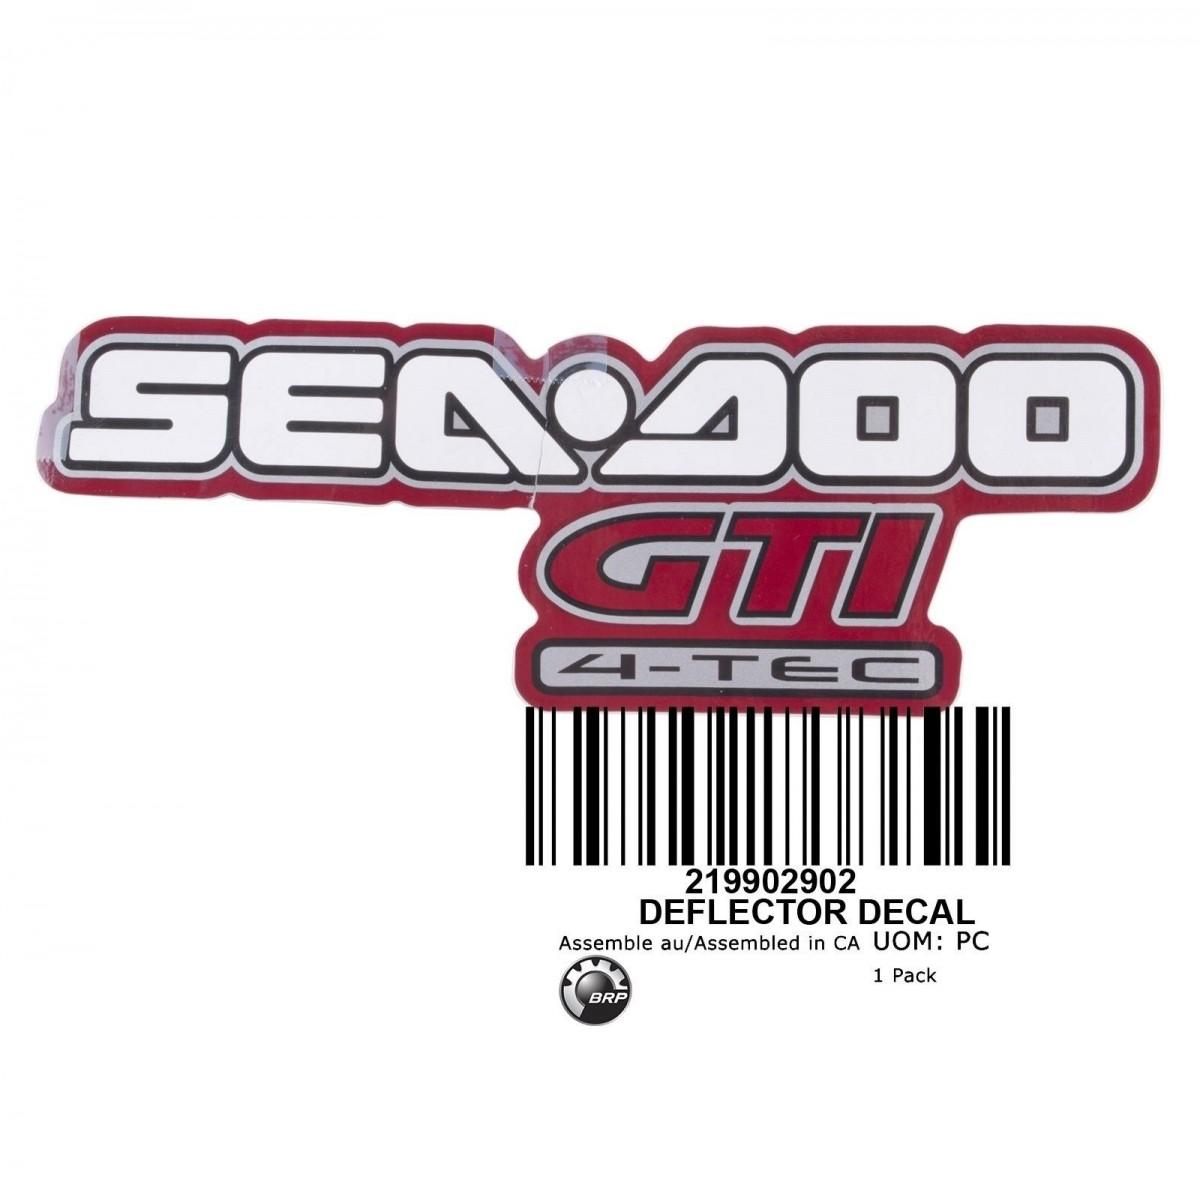 Adesivo do Defletor para Jet Ski Sea Doo GTI 4 TEC 09 Vermelho/Branco nacional+  - Radical Peças - Peças para Jet Ski